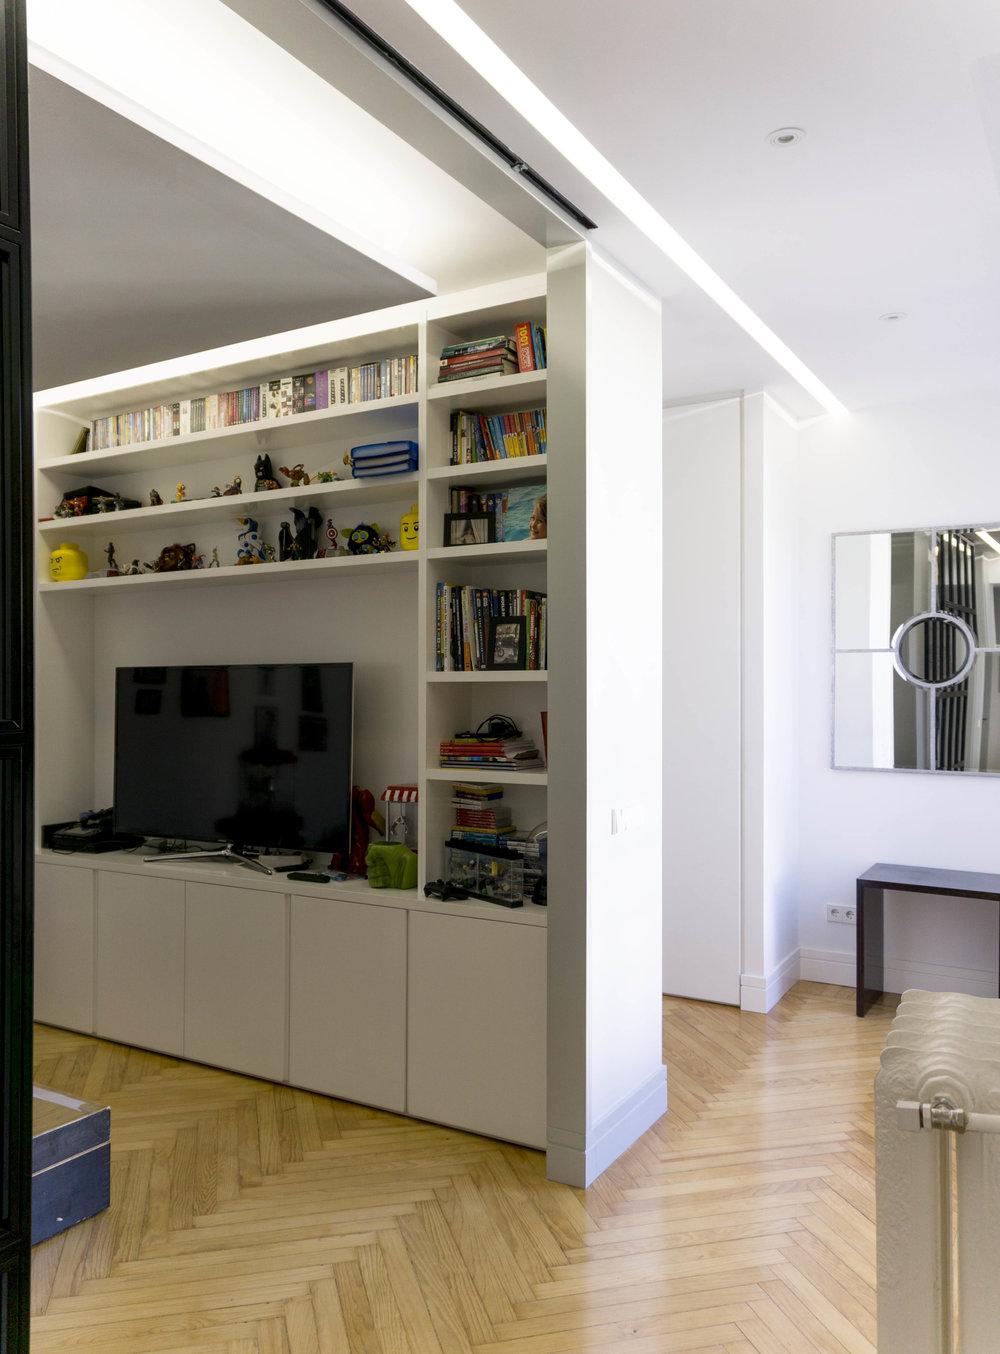 diseño reformas slow emmme studio 08 recibidor y sala de juegos vivienda Ayala SM.jpg